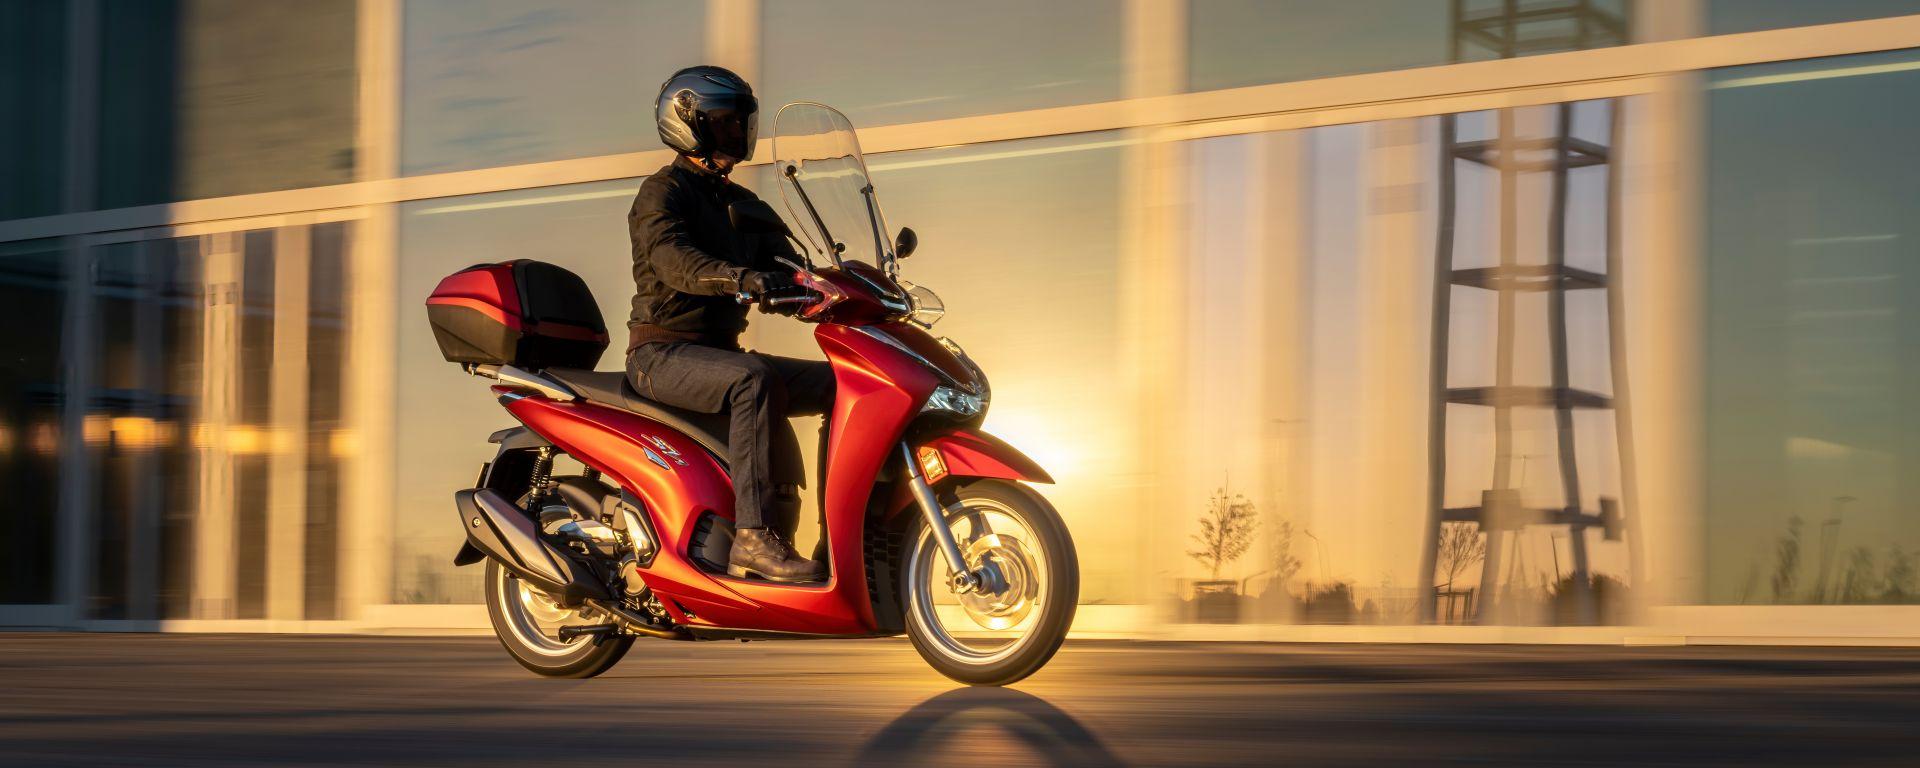 Honda SH350i 2021: il modello rosso con parabrezza e bauletto